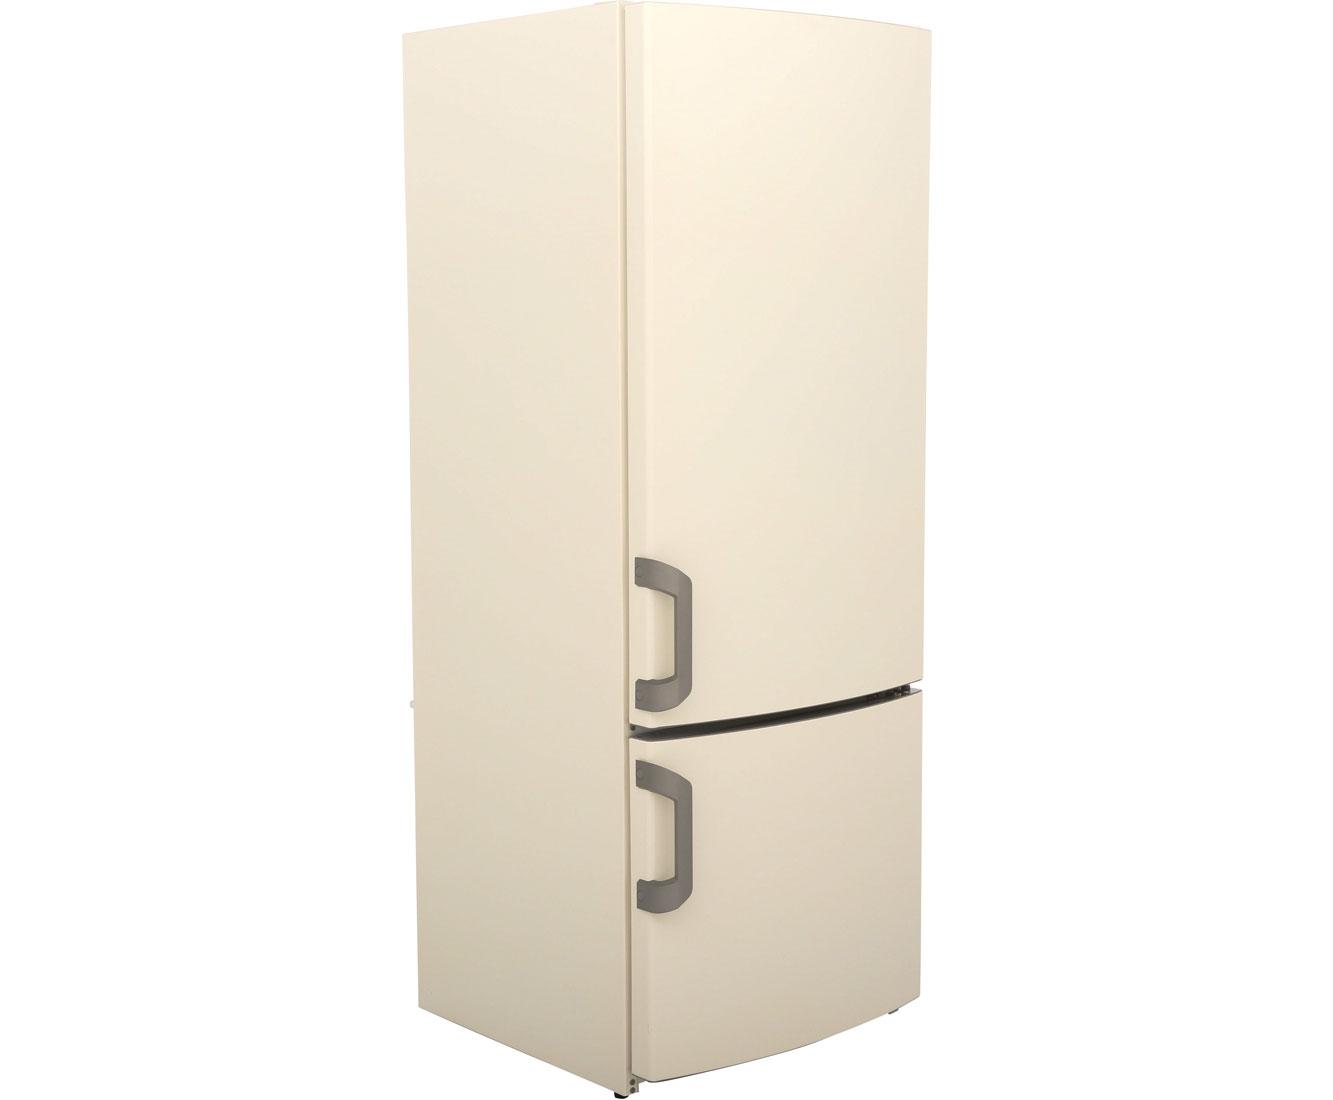 Gorenje Kühlschrank Geräusche : Gorenje rk c kühl gefrierkombination er breite